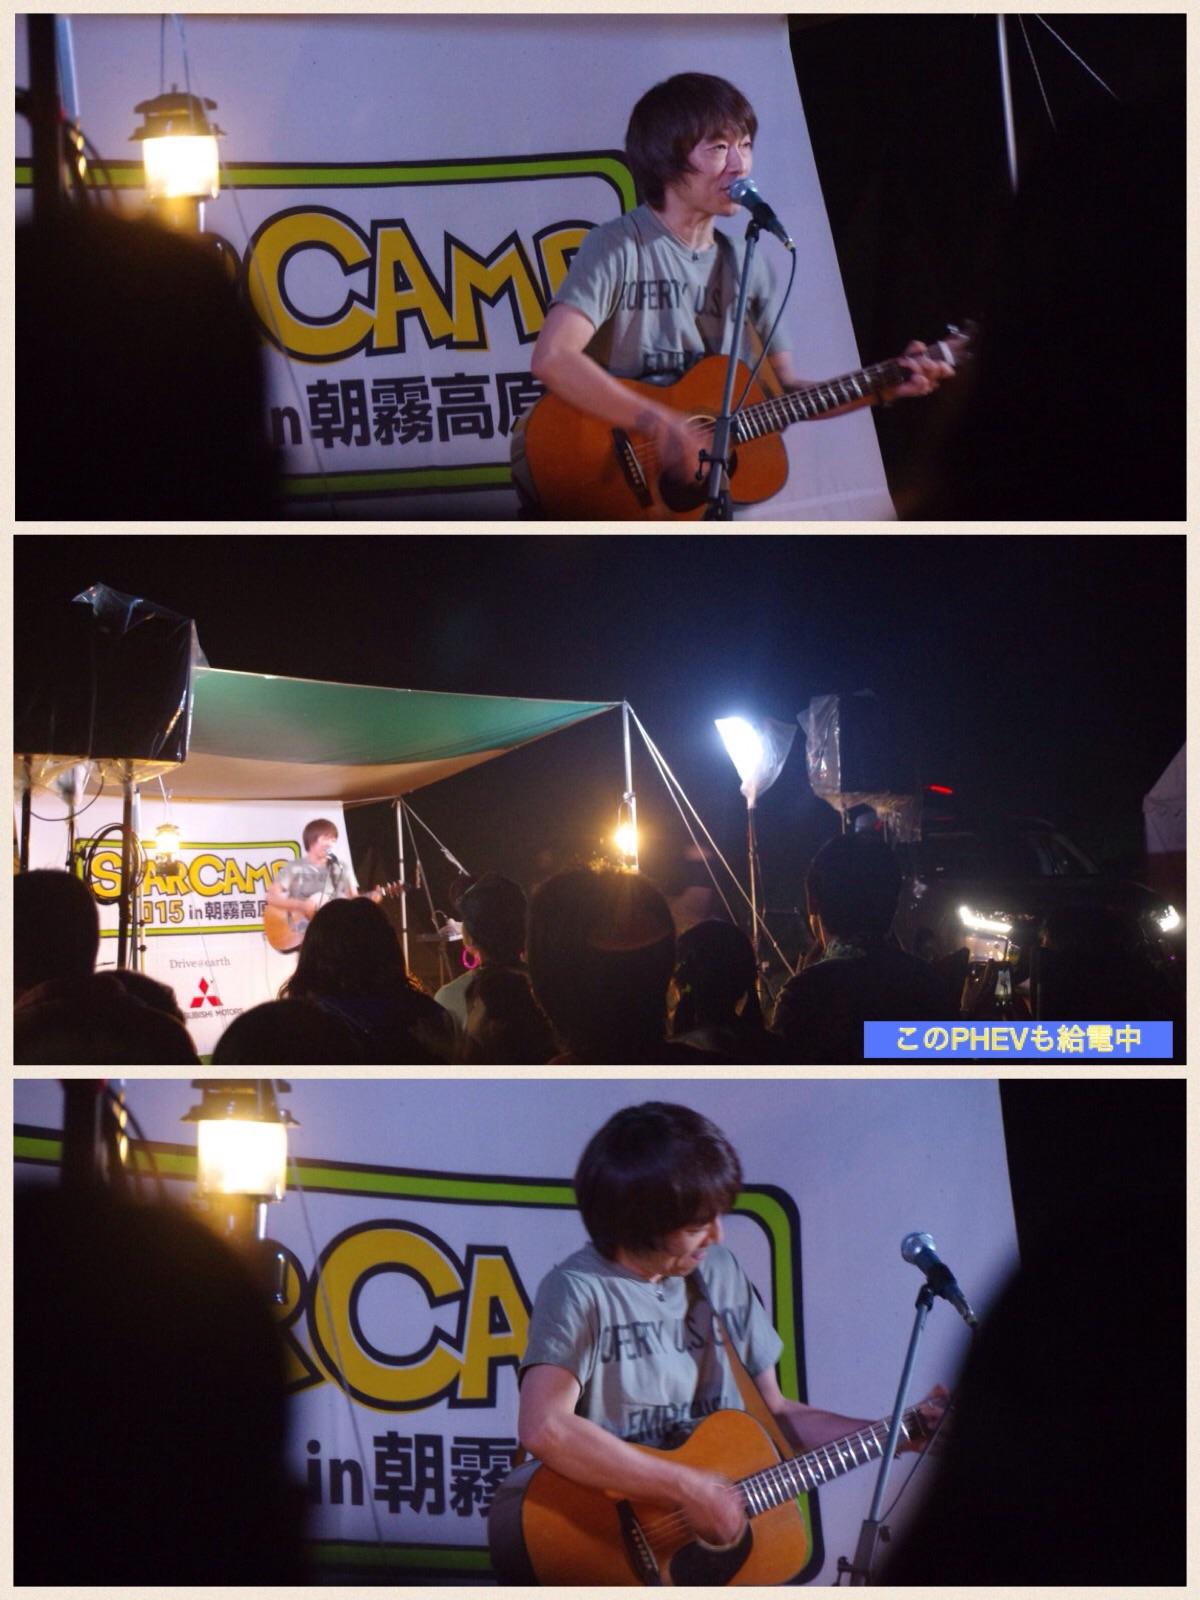 三菱スターキャンプ2015 アコースティックコンサート